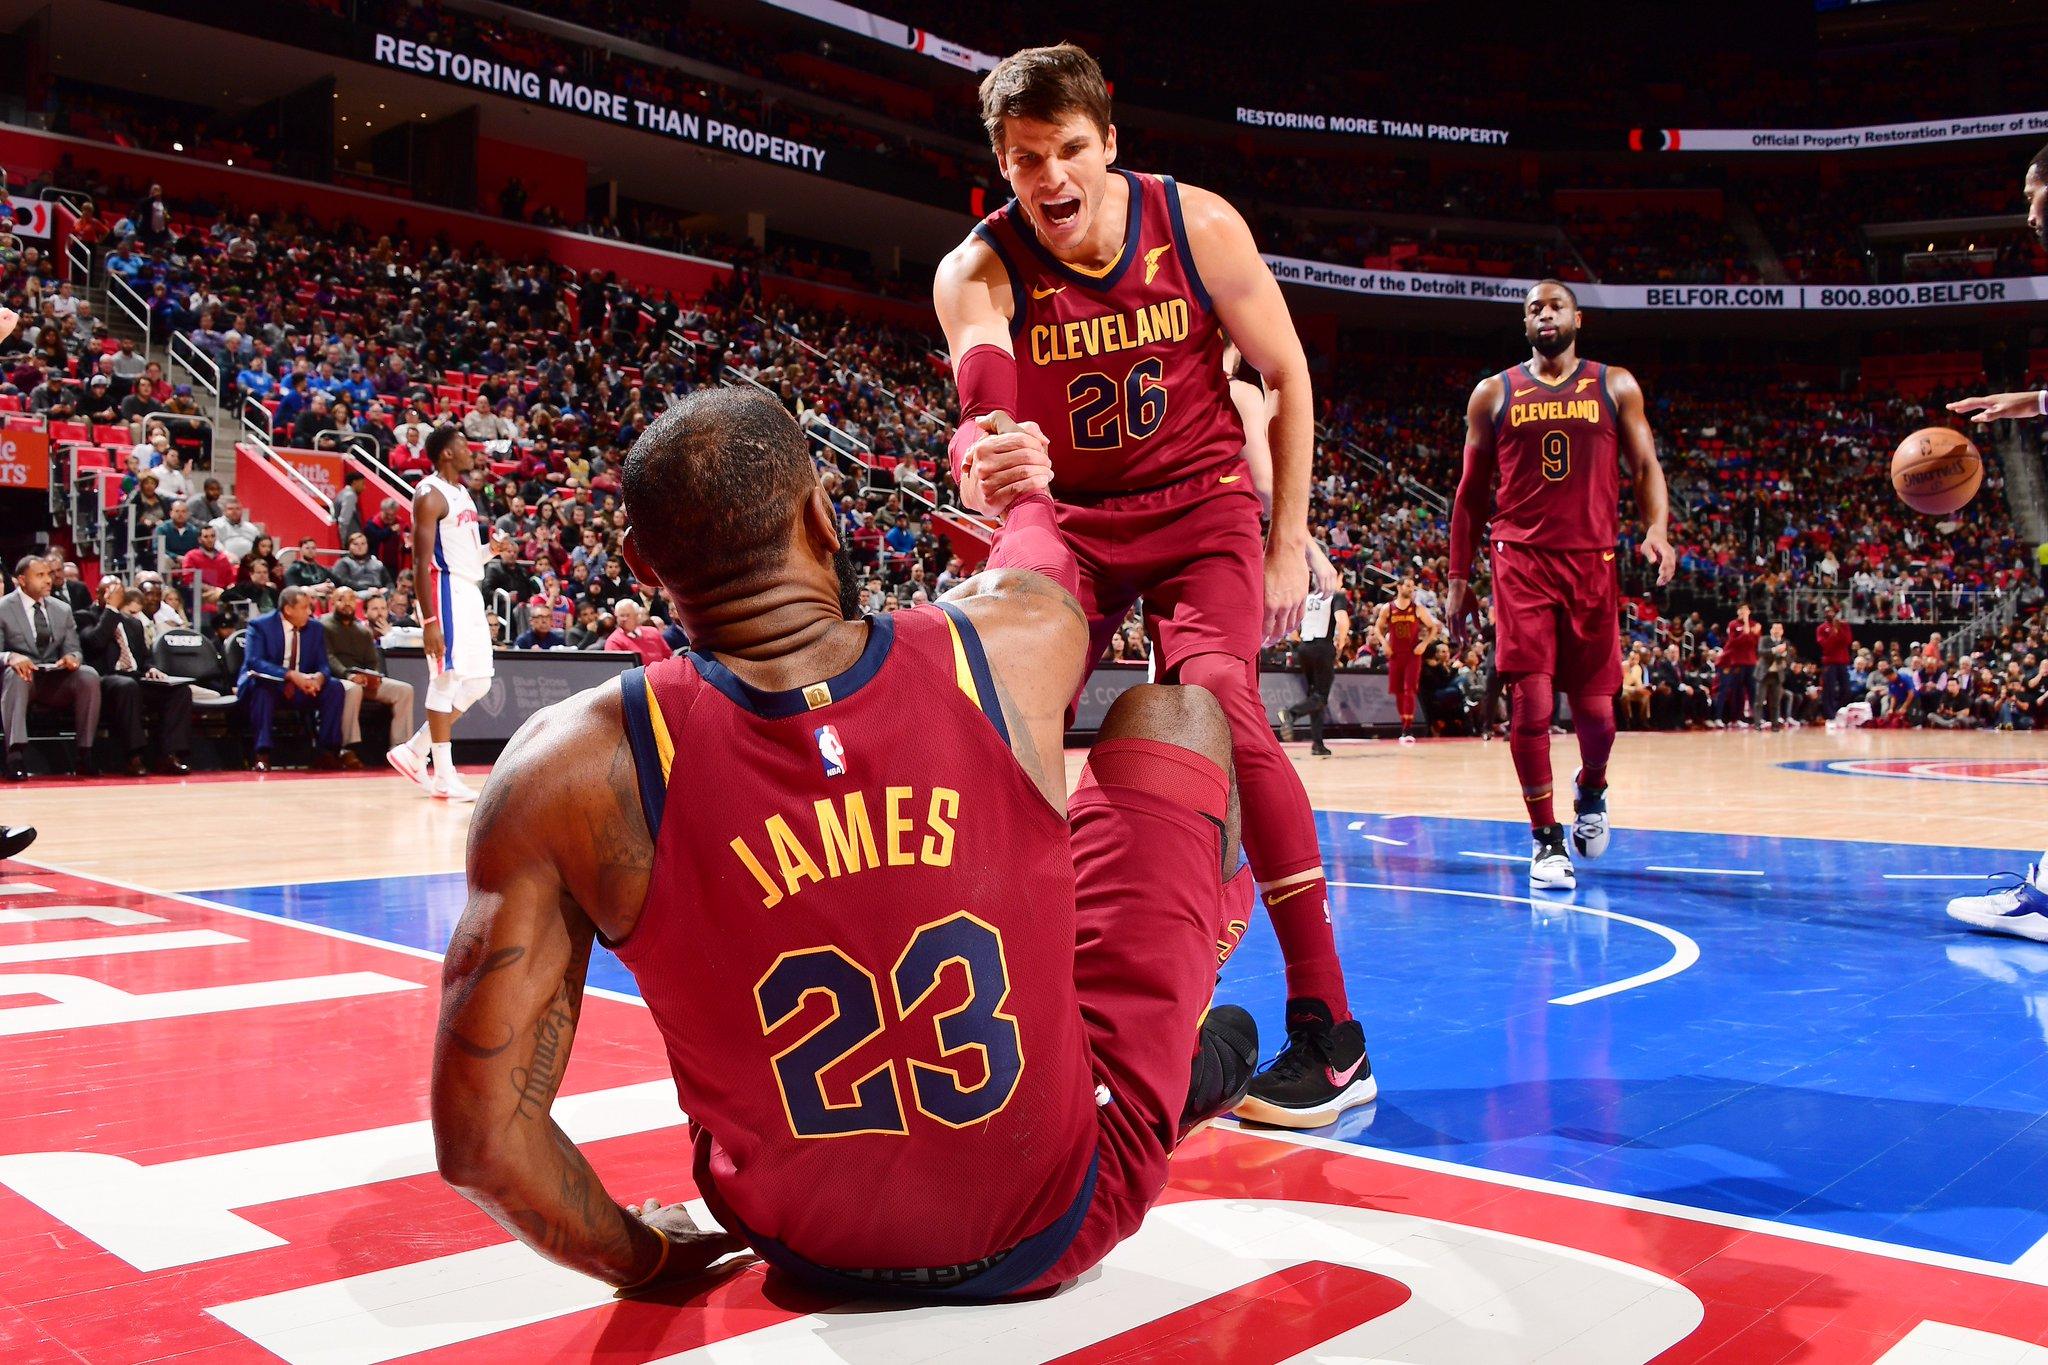 LeBron James é um dos destaques da vitória dos Cavs sobre os Pistons